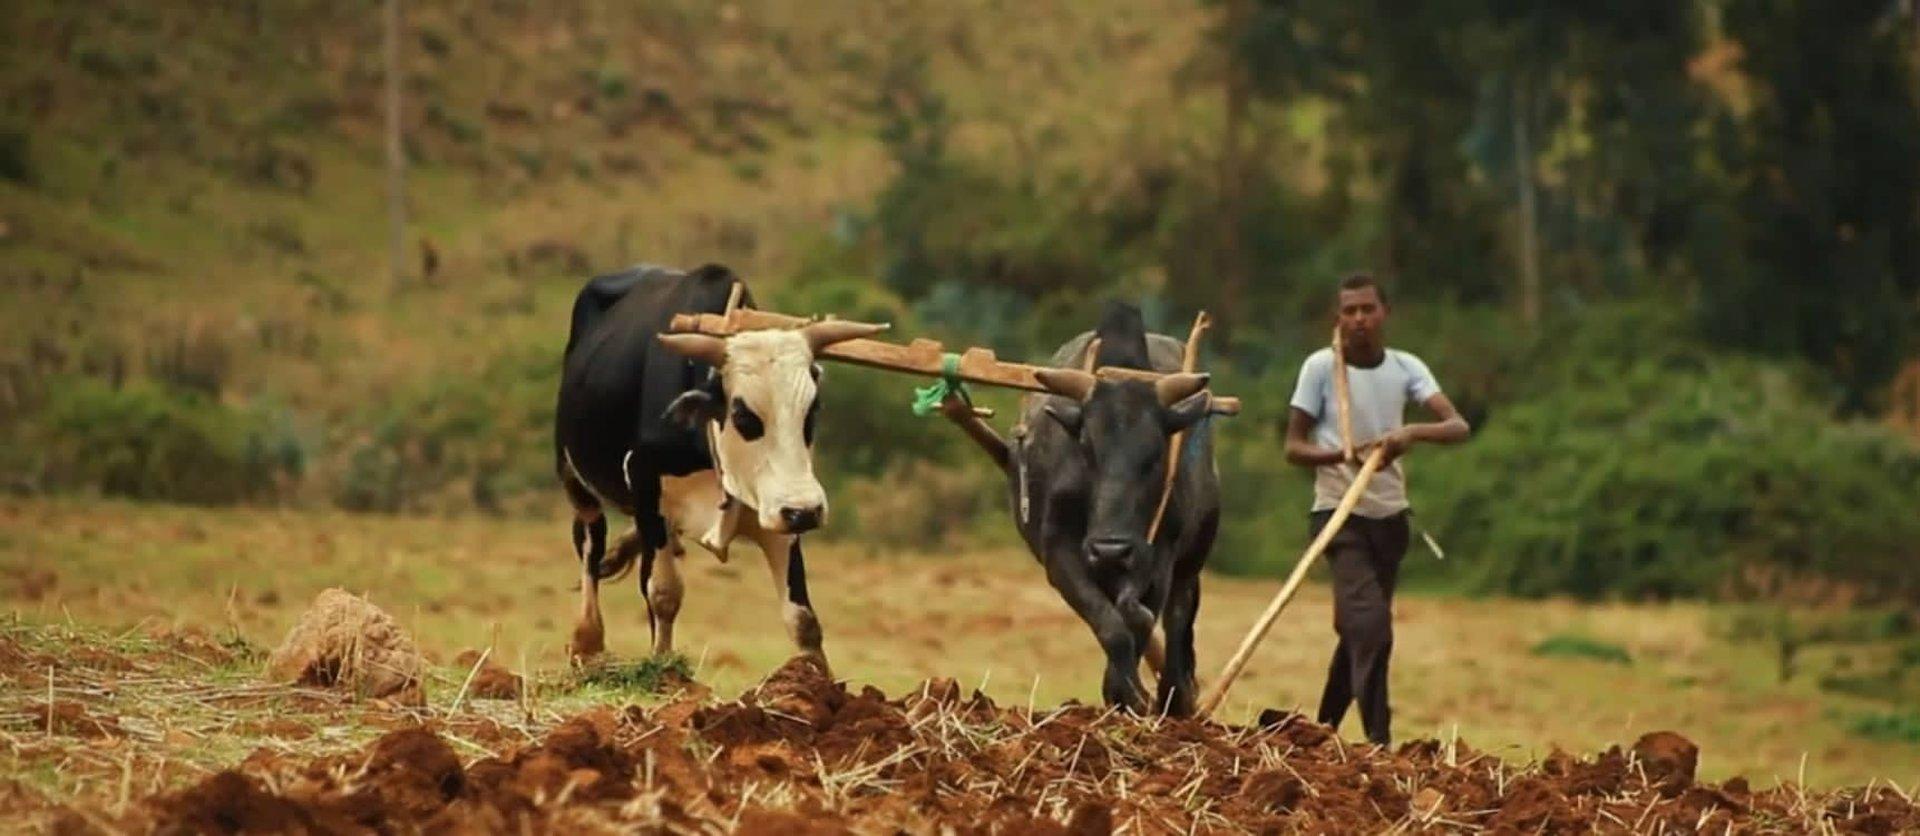 Agriculteur africain qui laboure son champ avec des bovins pour lutter contre la famine et la faim